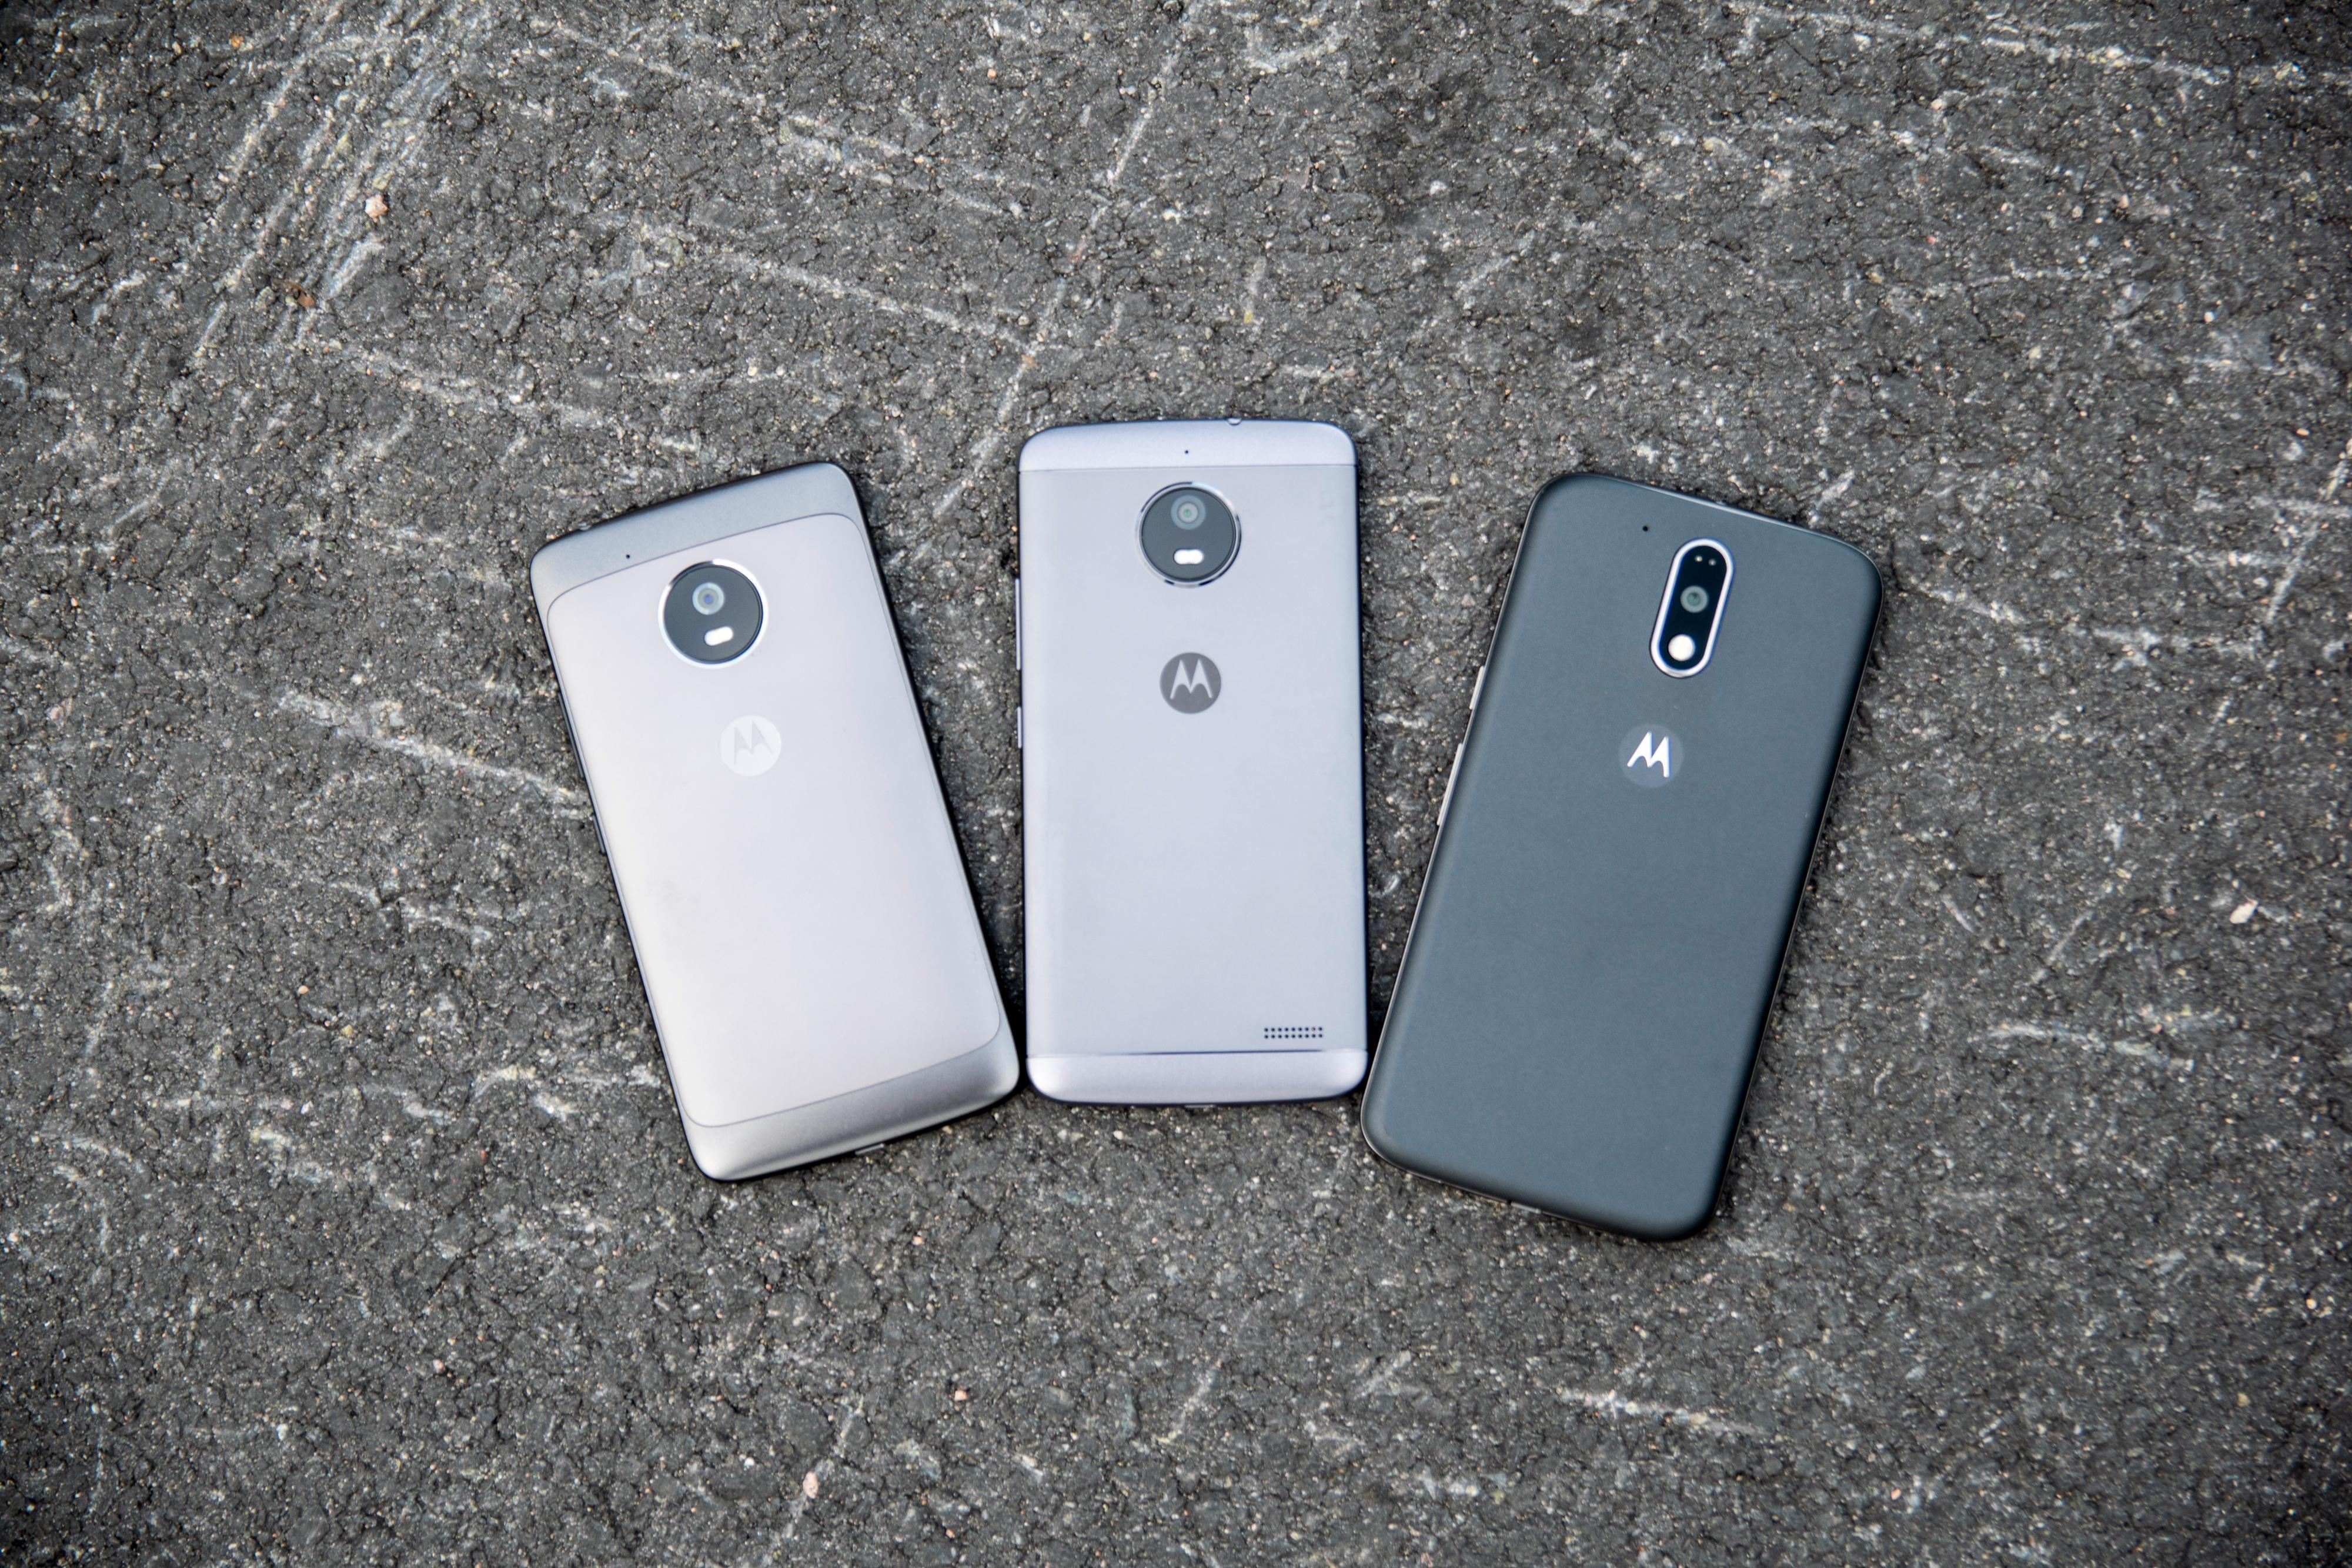 Fra venstre: Moto G5, Moto E4 og Moto G4 Plus.